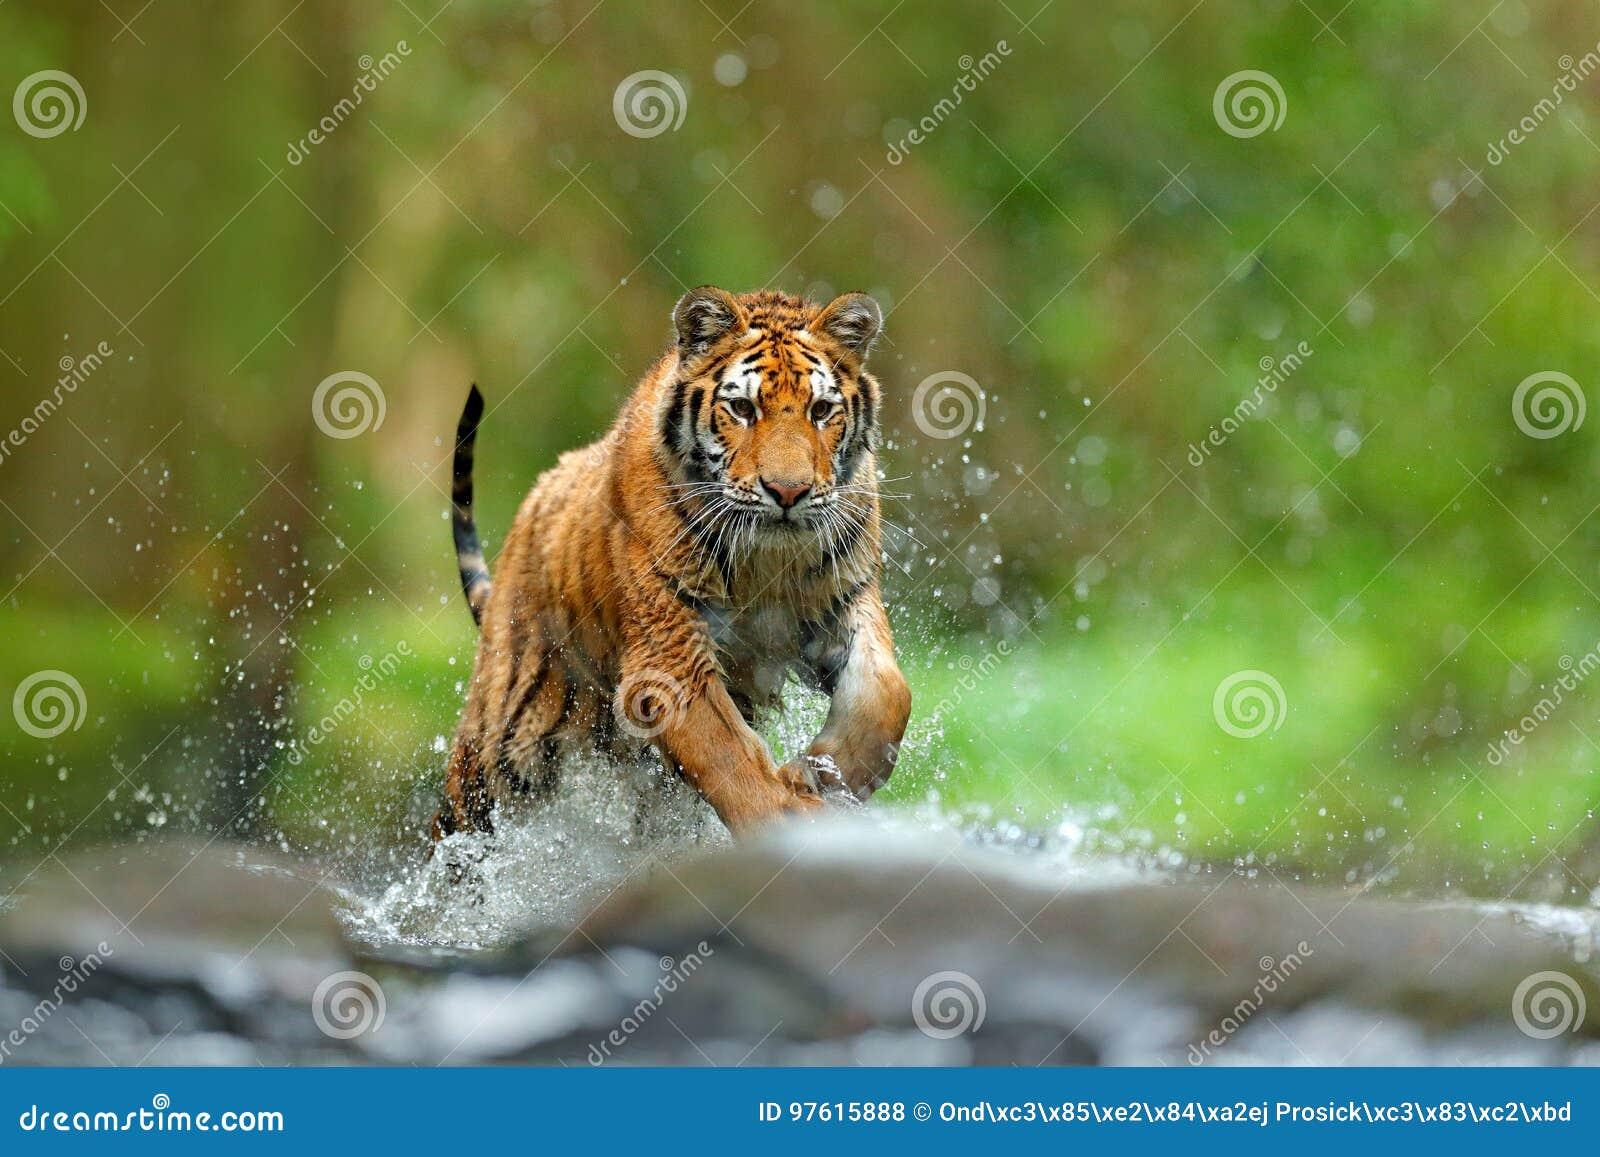 Tiger mit SpritzenFlusswasser Szene der Aktionswild lebenden tiere mit Wildkatze, Naturlebensraum Tiger, der in das Wasser läuft